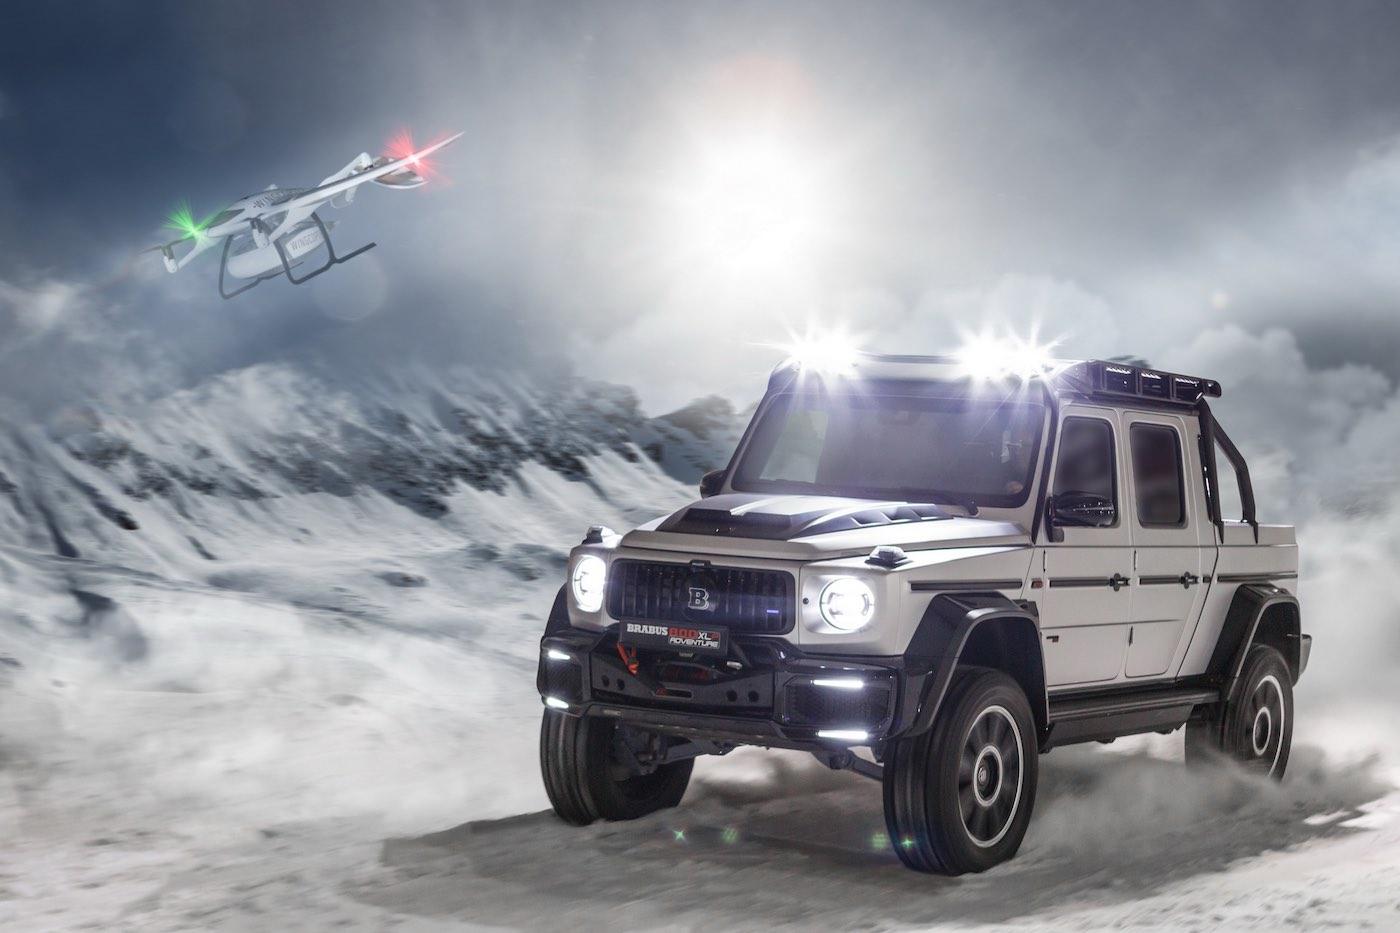 Camioneta 4x4 Brabus 800 Adventure XLP con su propia pista de aterrizaje de drones.